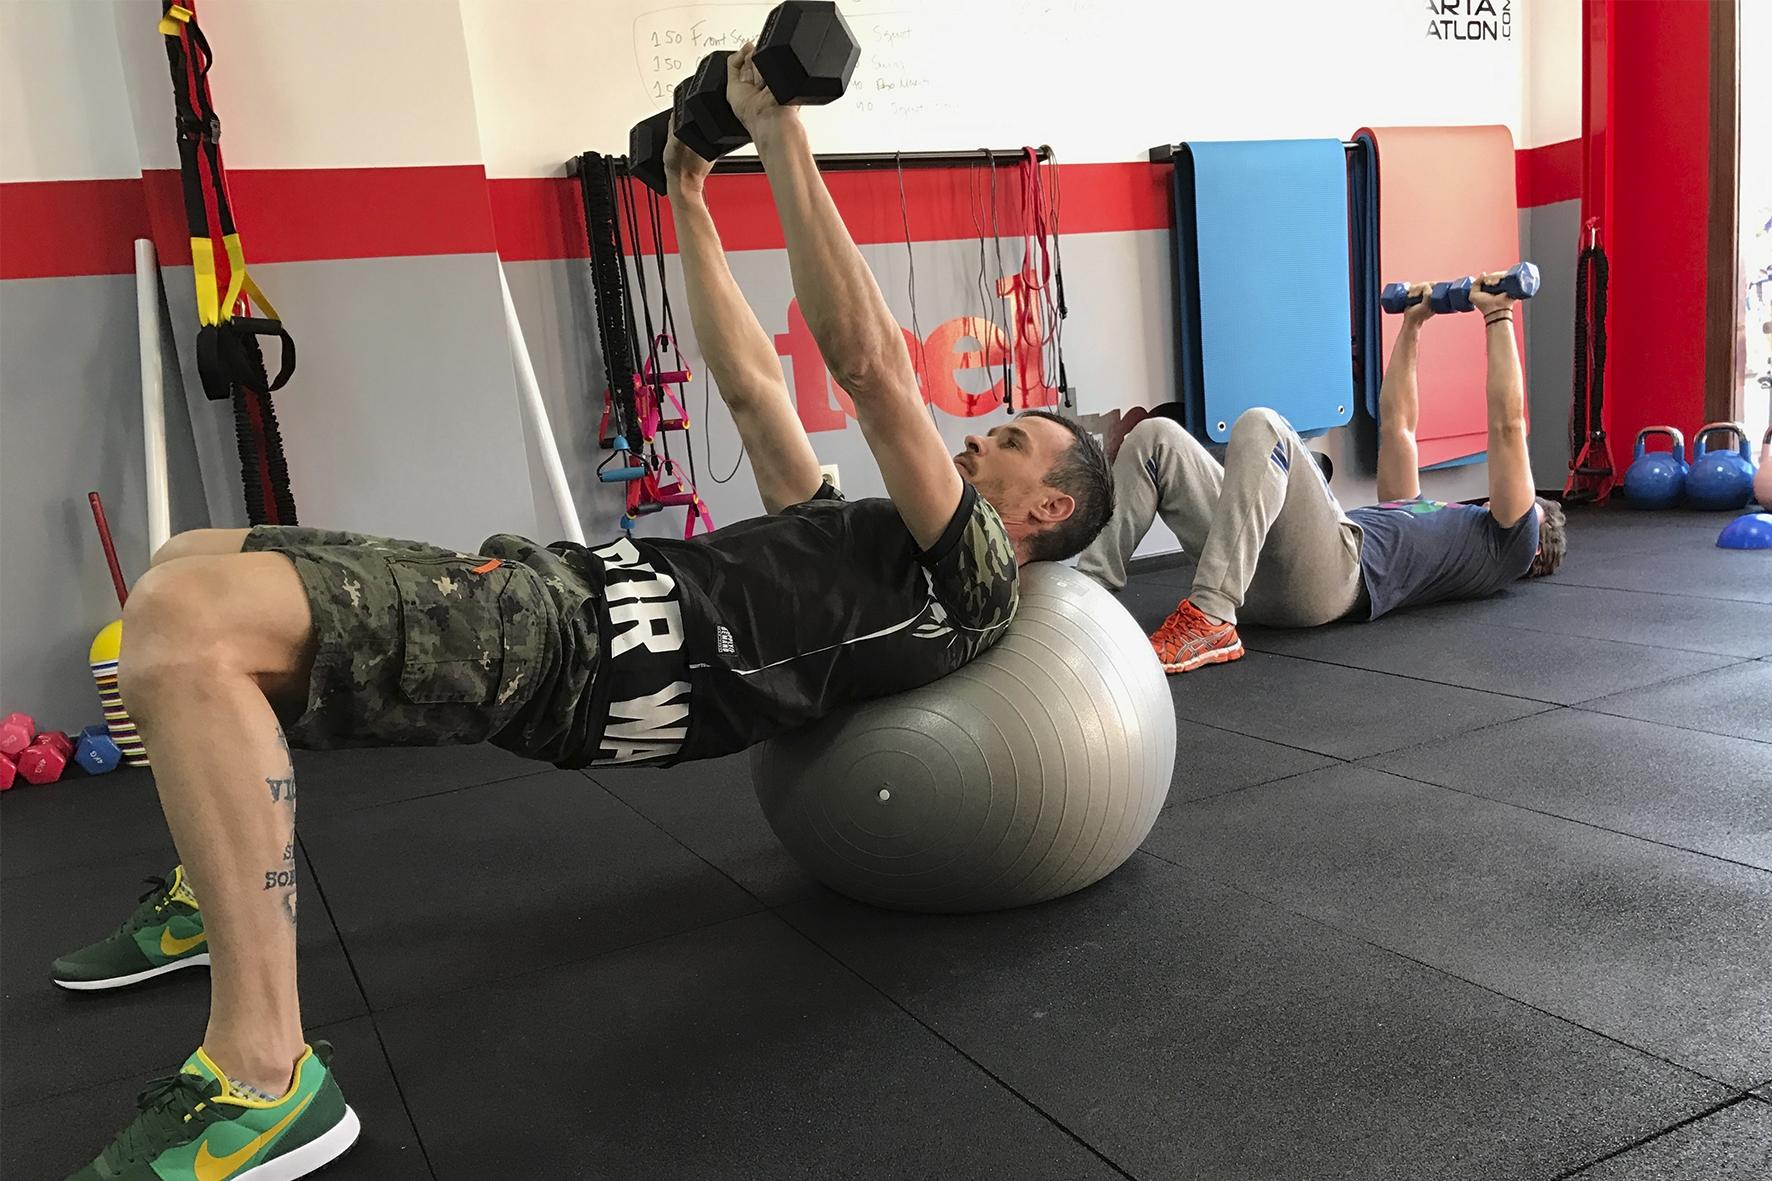 Entrenamiento Funcional 6 Feel Strong Sienttfuerte Sala de entrenamiento en Navalcarnero Madrid